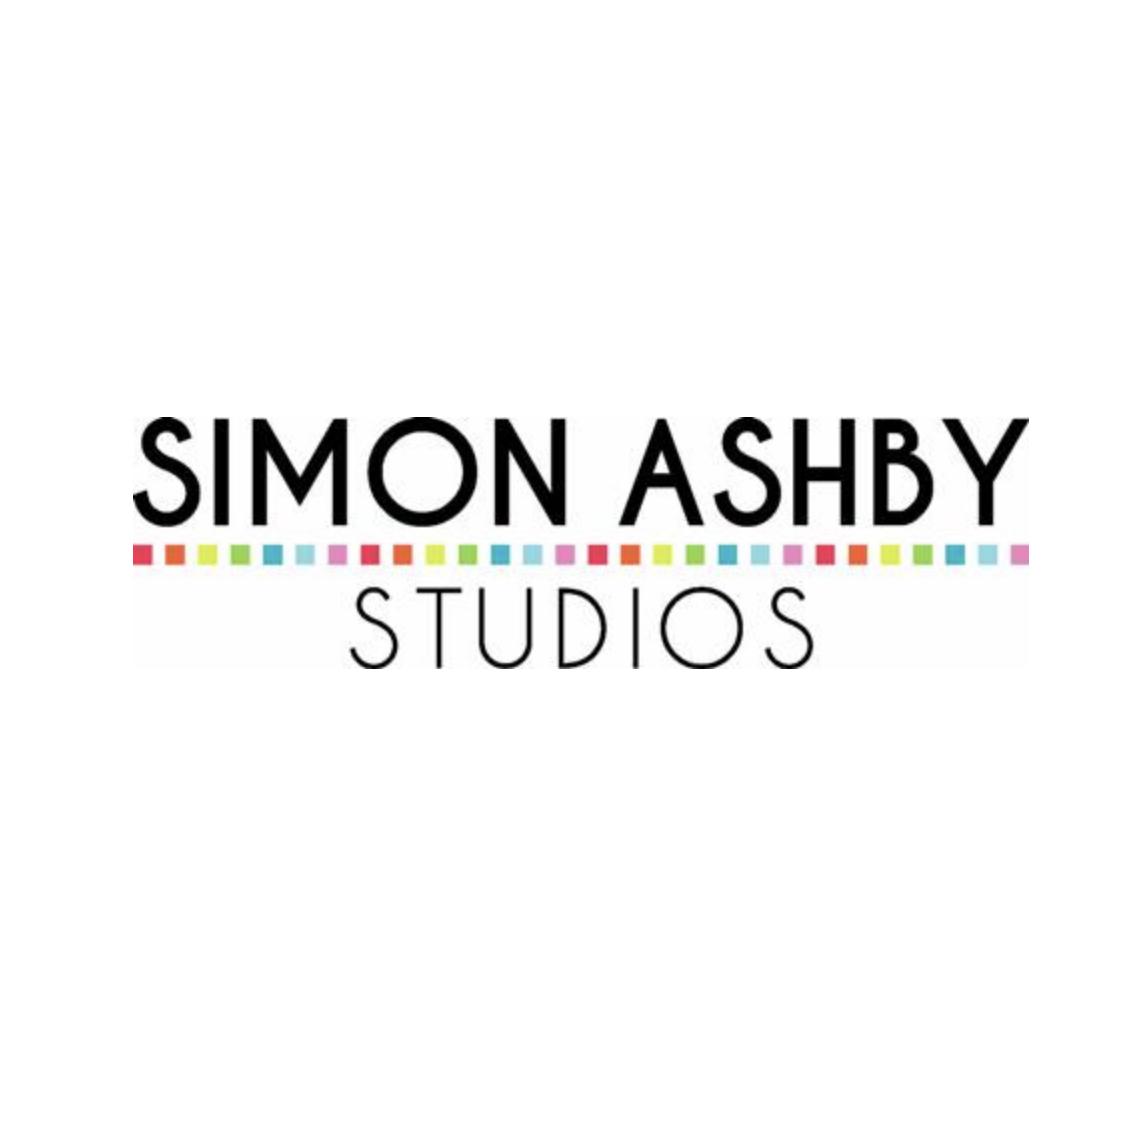 simon asby logo.jpg